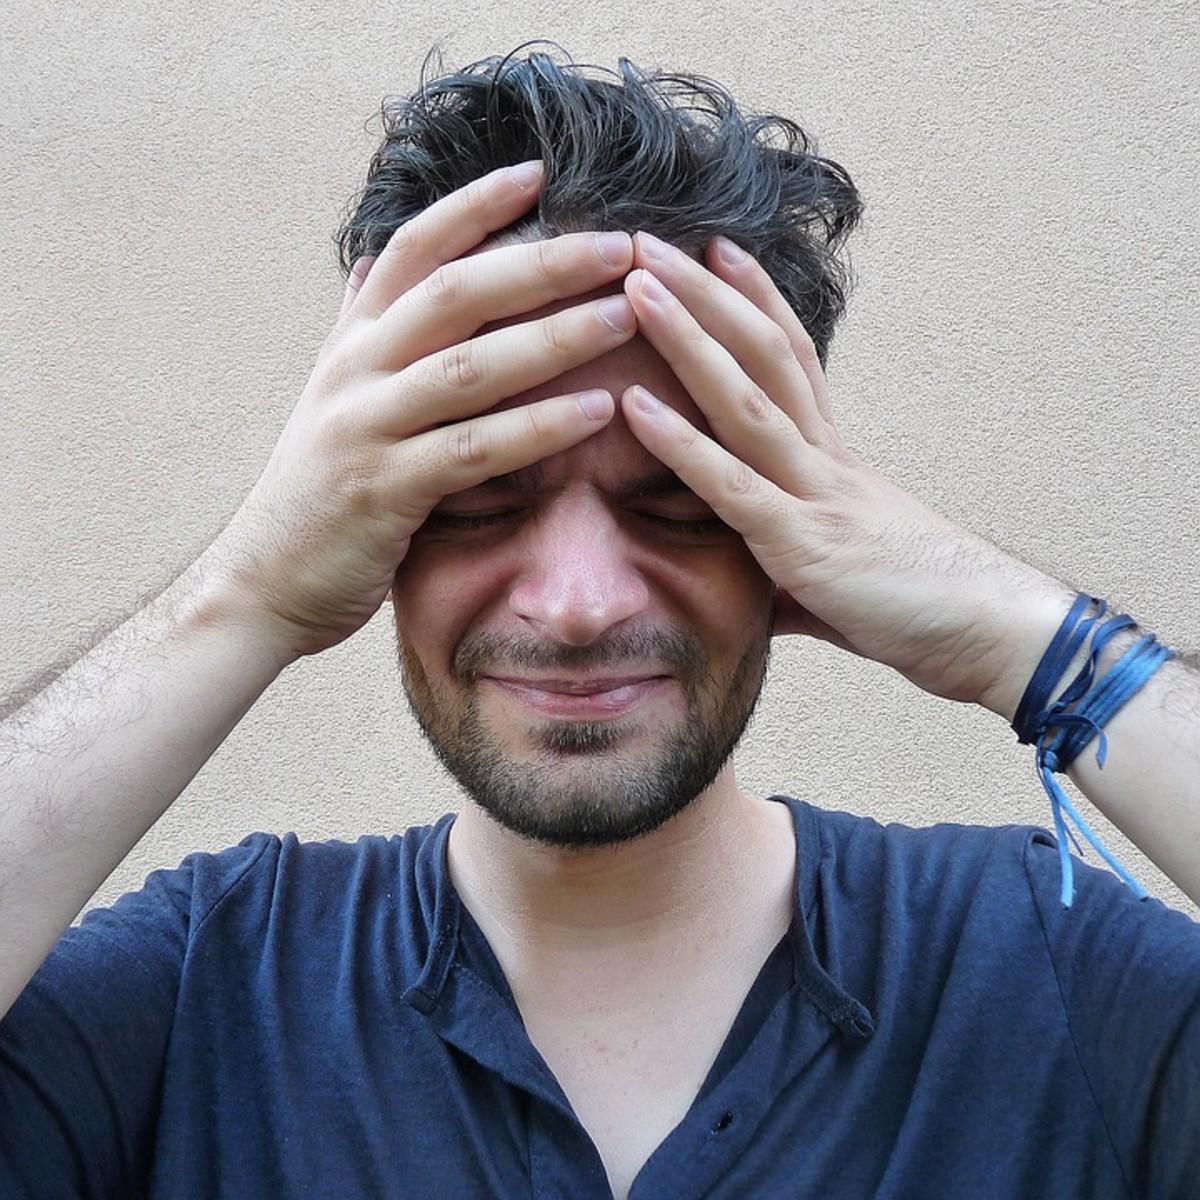 Headache sufferer cradles his throbbing head